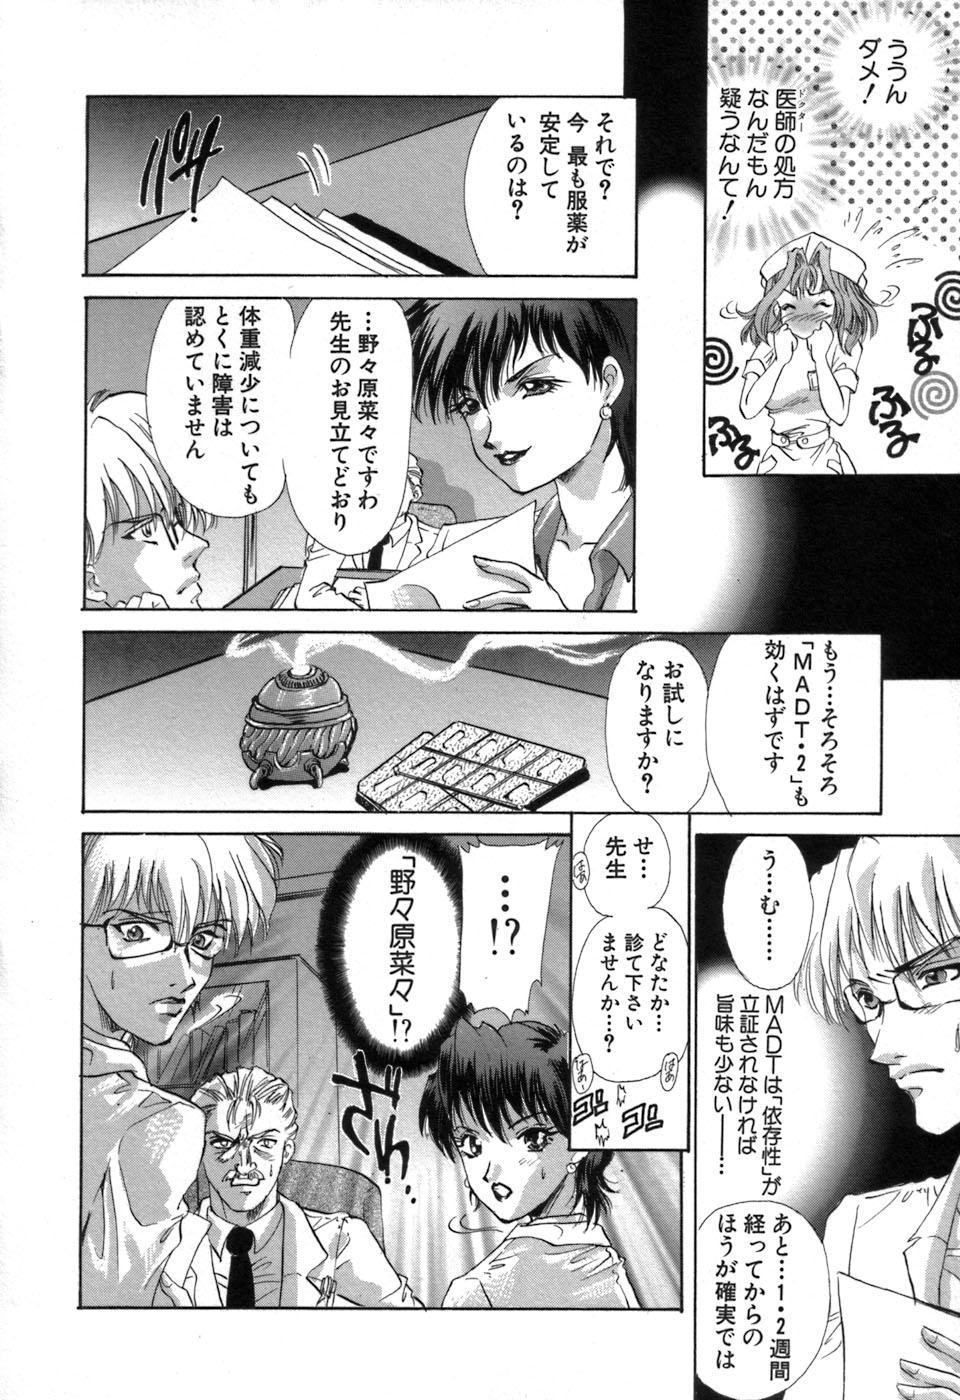 Ryoujoku Tenshi 16